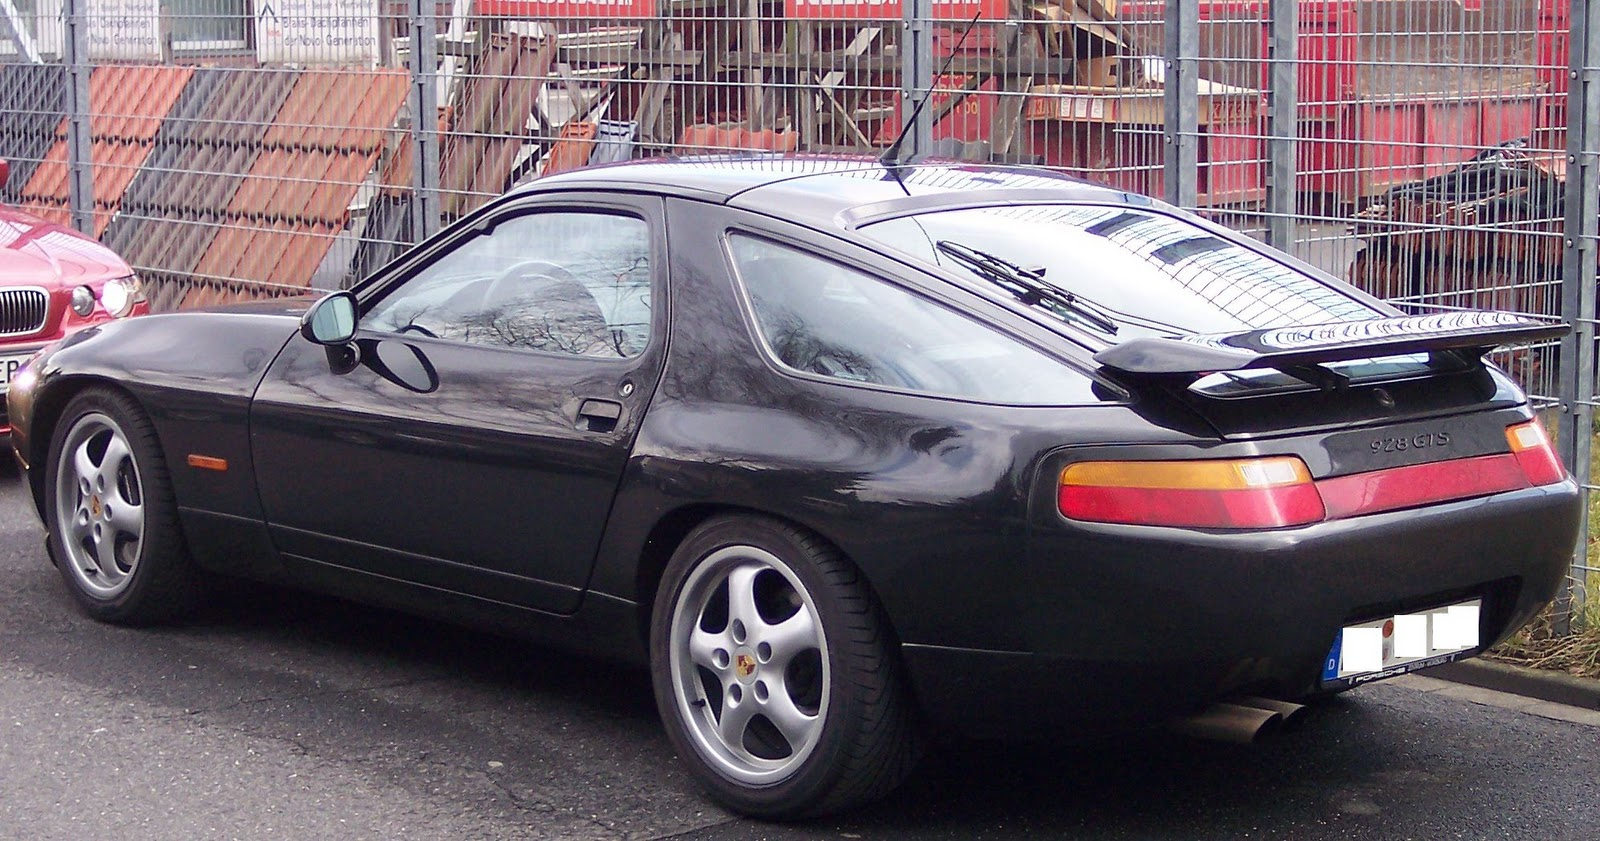 http://4.bp.blogspot.com/_SJZzHWvv1FE/TTH1_WAn8aI/AAAAAAAAHbY/EoUNaRc2Jio/s1600/Porsche-928-3.jpg